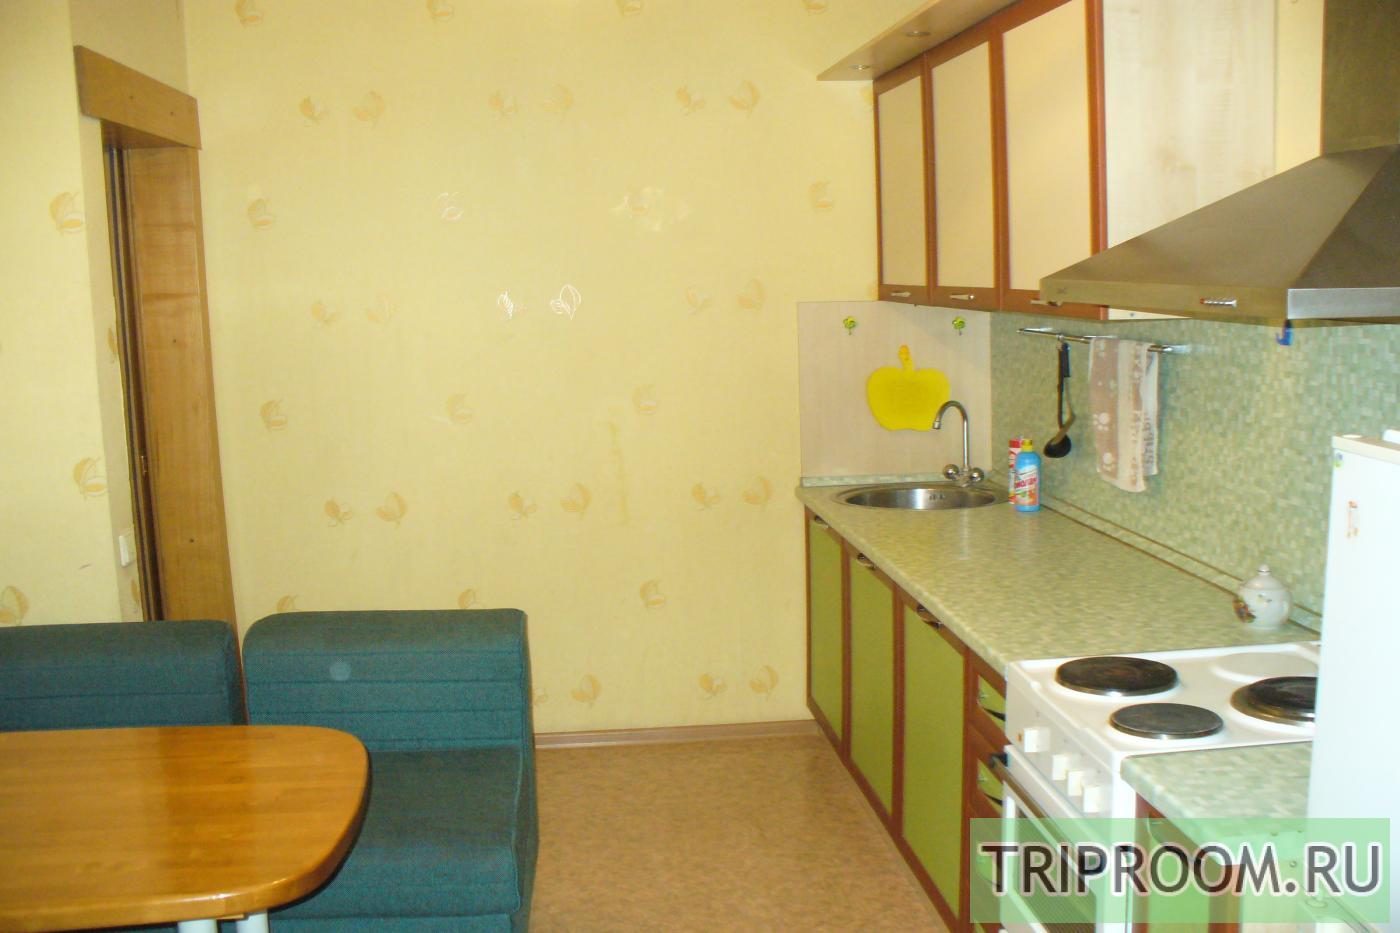 1-комнатная квартира посуточно (вариант № 15391), ул. Елизаровых улица, фото № 9